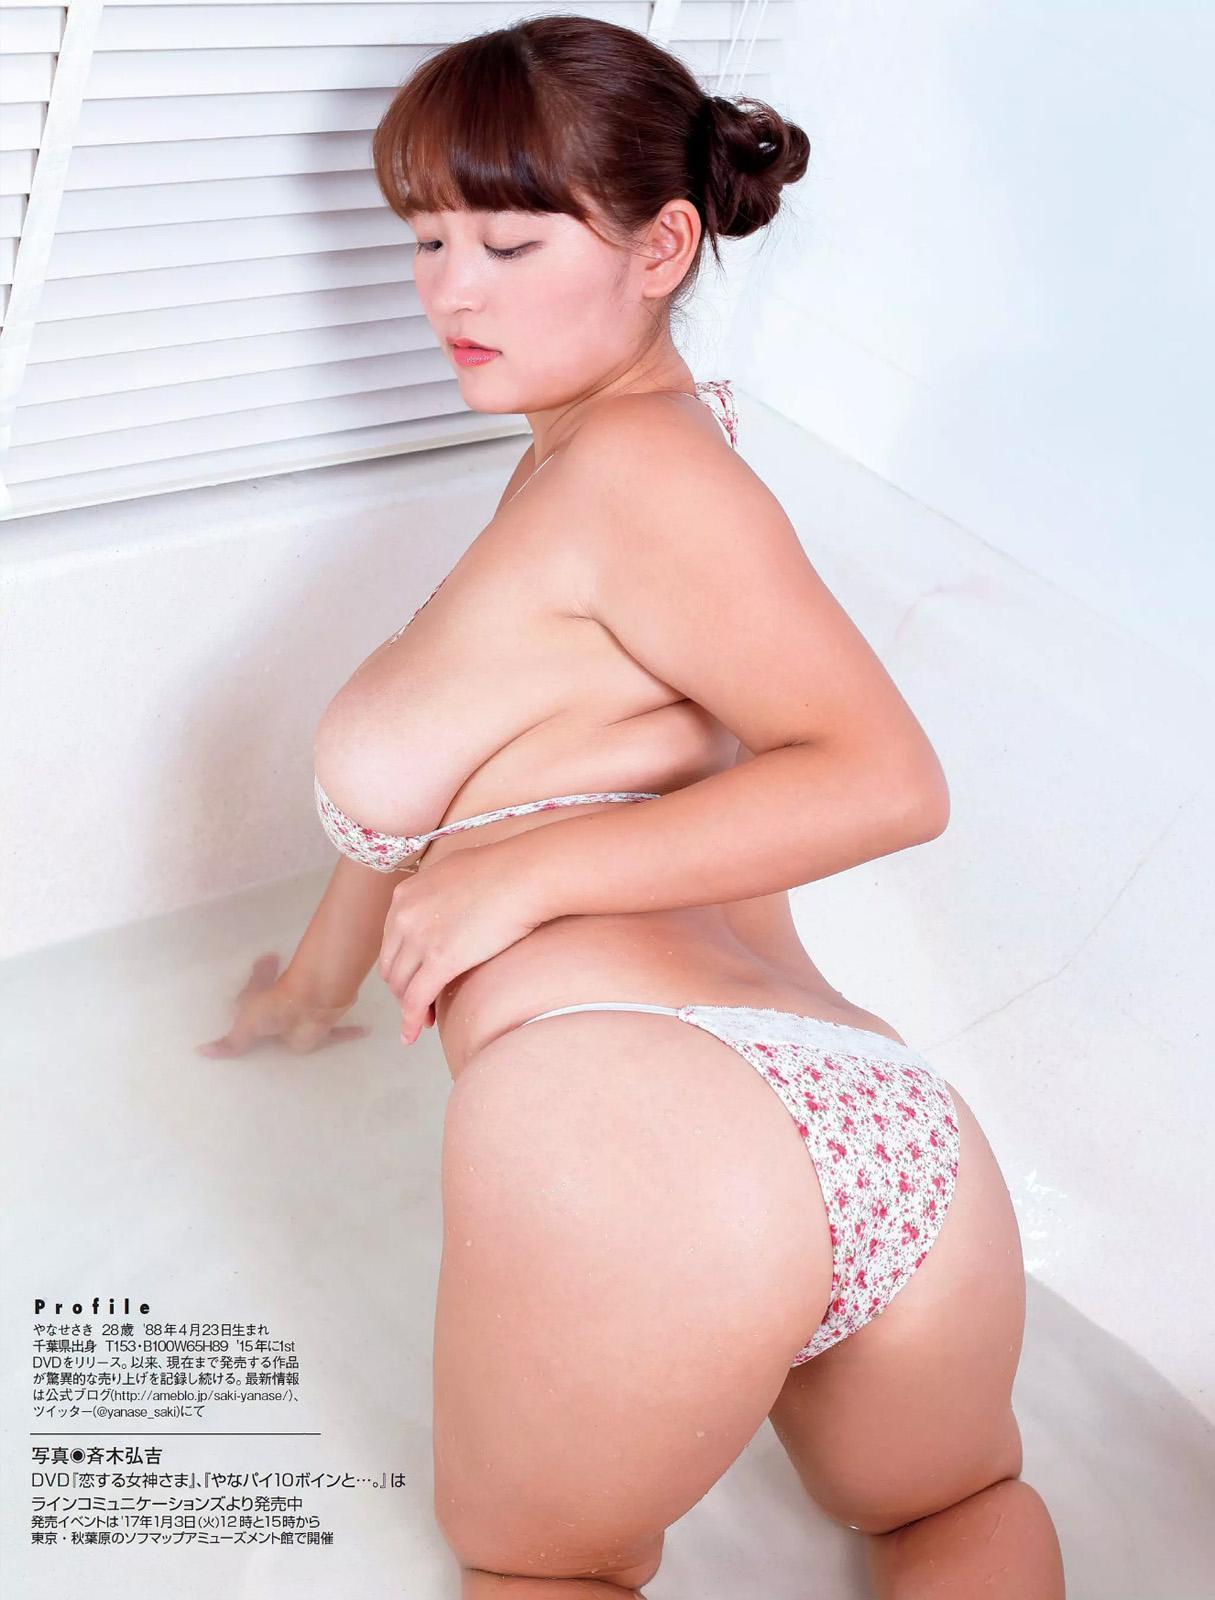 「週刊FLASH(フラッシュ) 2017年1月3日号」柳瀬早紀の水着お尻グラビア